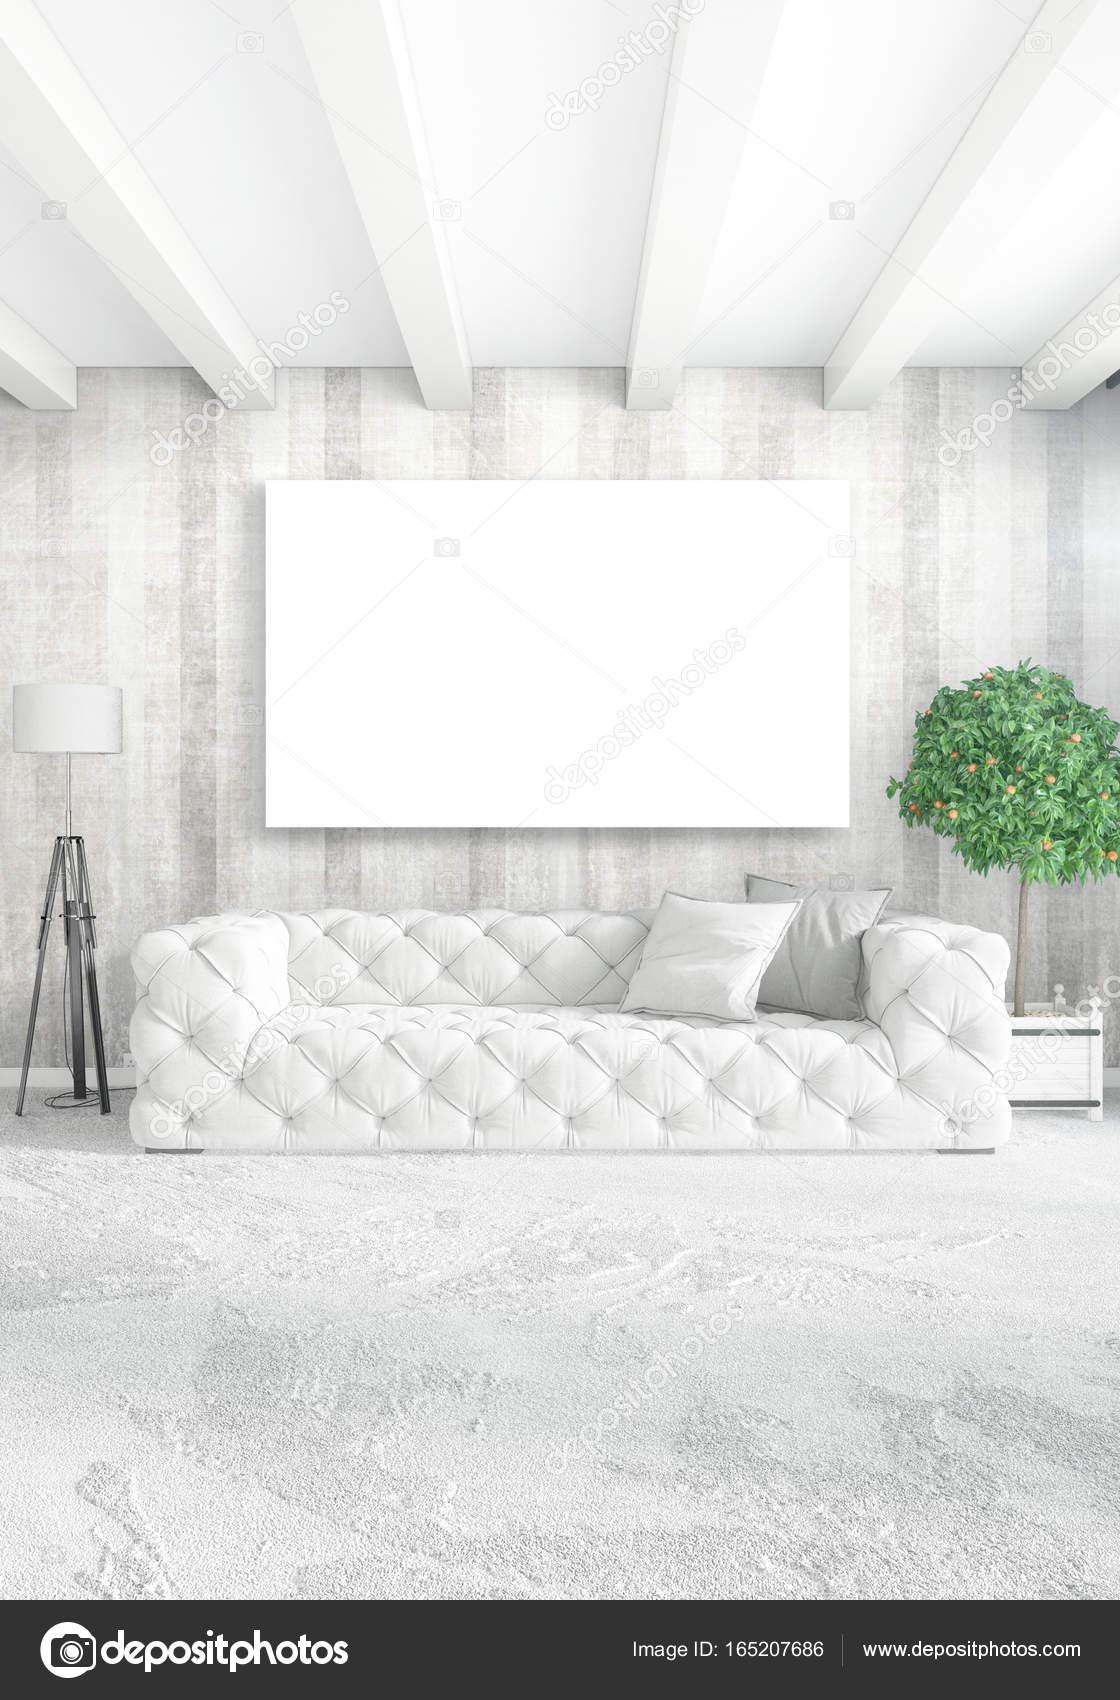 Vertikale Modernen Interieur Schlafzimmer Oder Wohnzimmer Mit Vielseitigen  Wand  Und Leeren Rahmen Für Exemplar Zeichnen